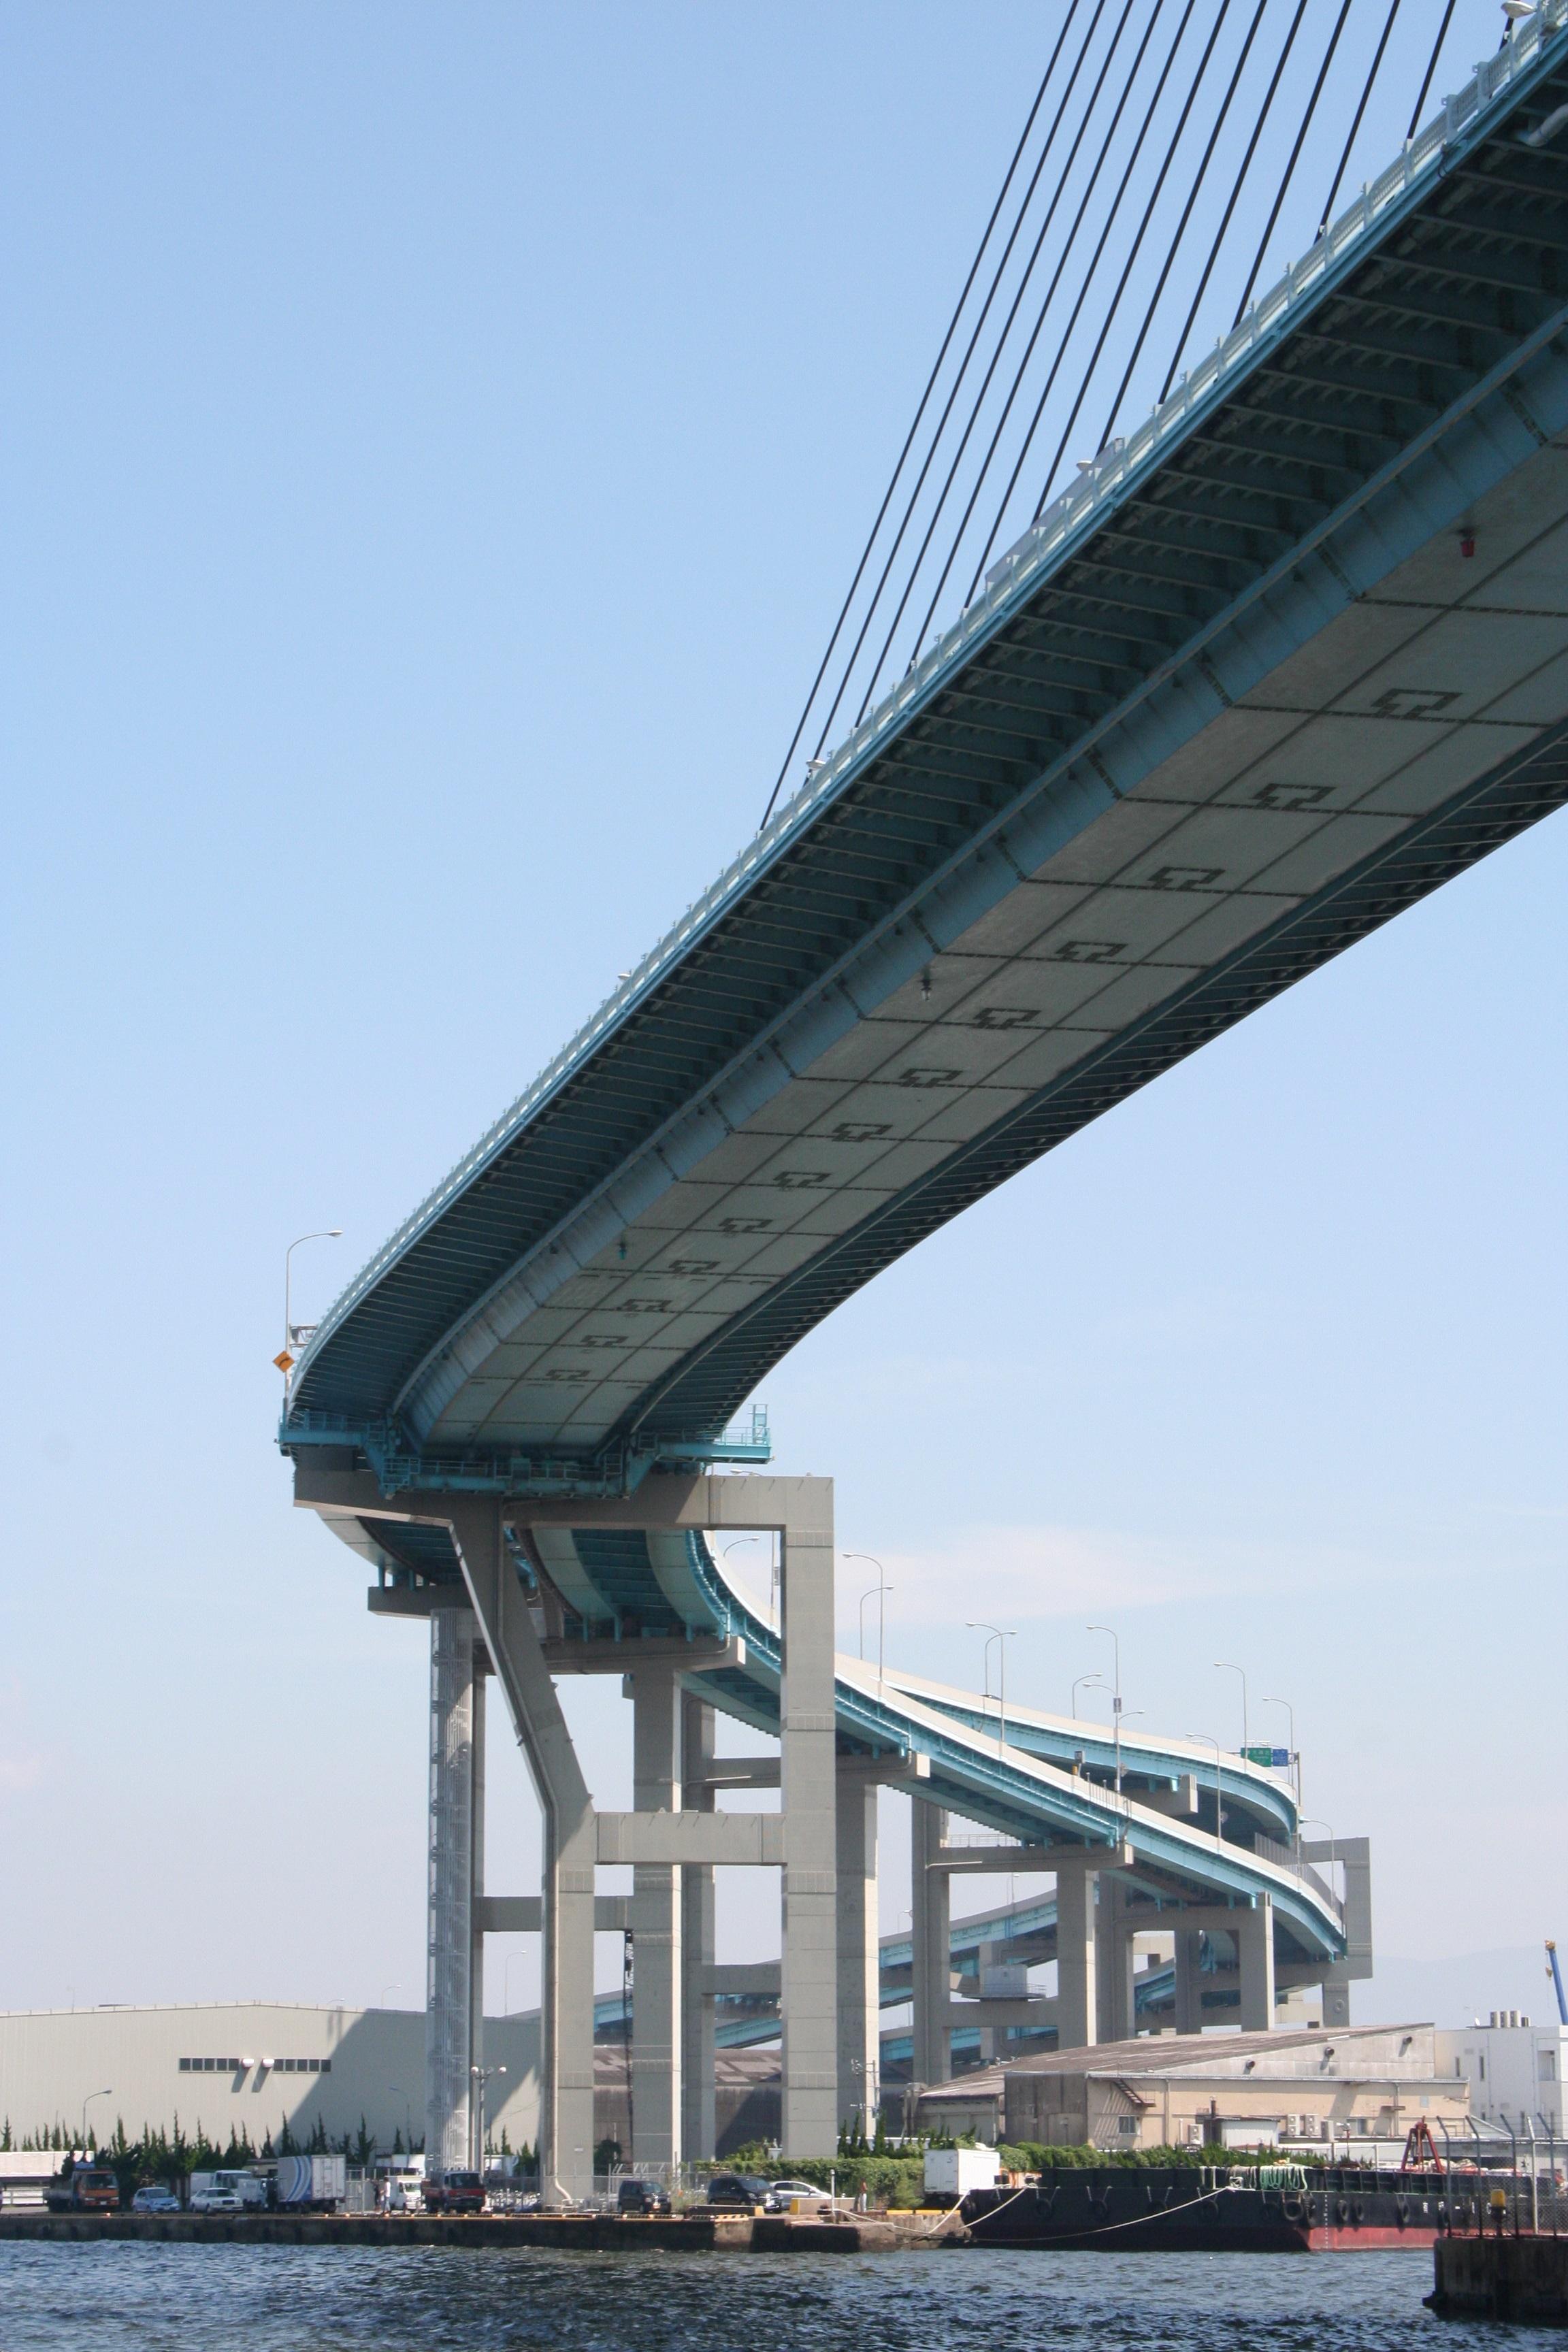 福岡都市高速(2015)の画像